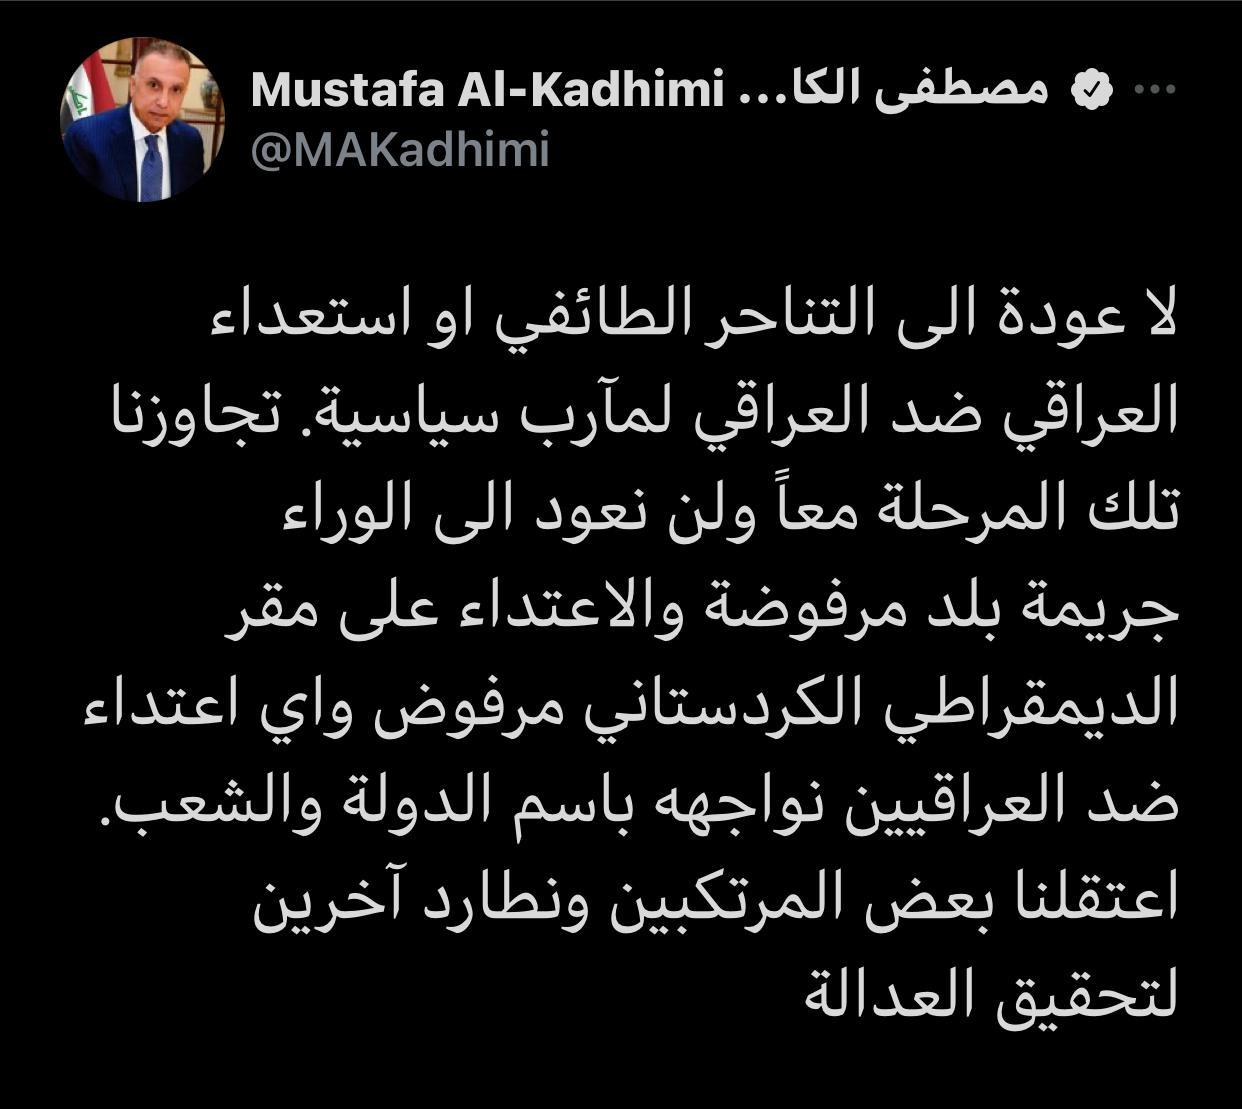 الكاظمي : لا عودة الى التناحر الطائفي او استعداء العراقي بعضهم لمآرب سياسية